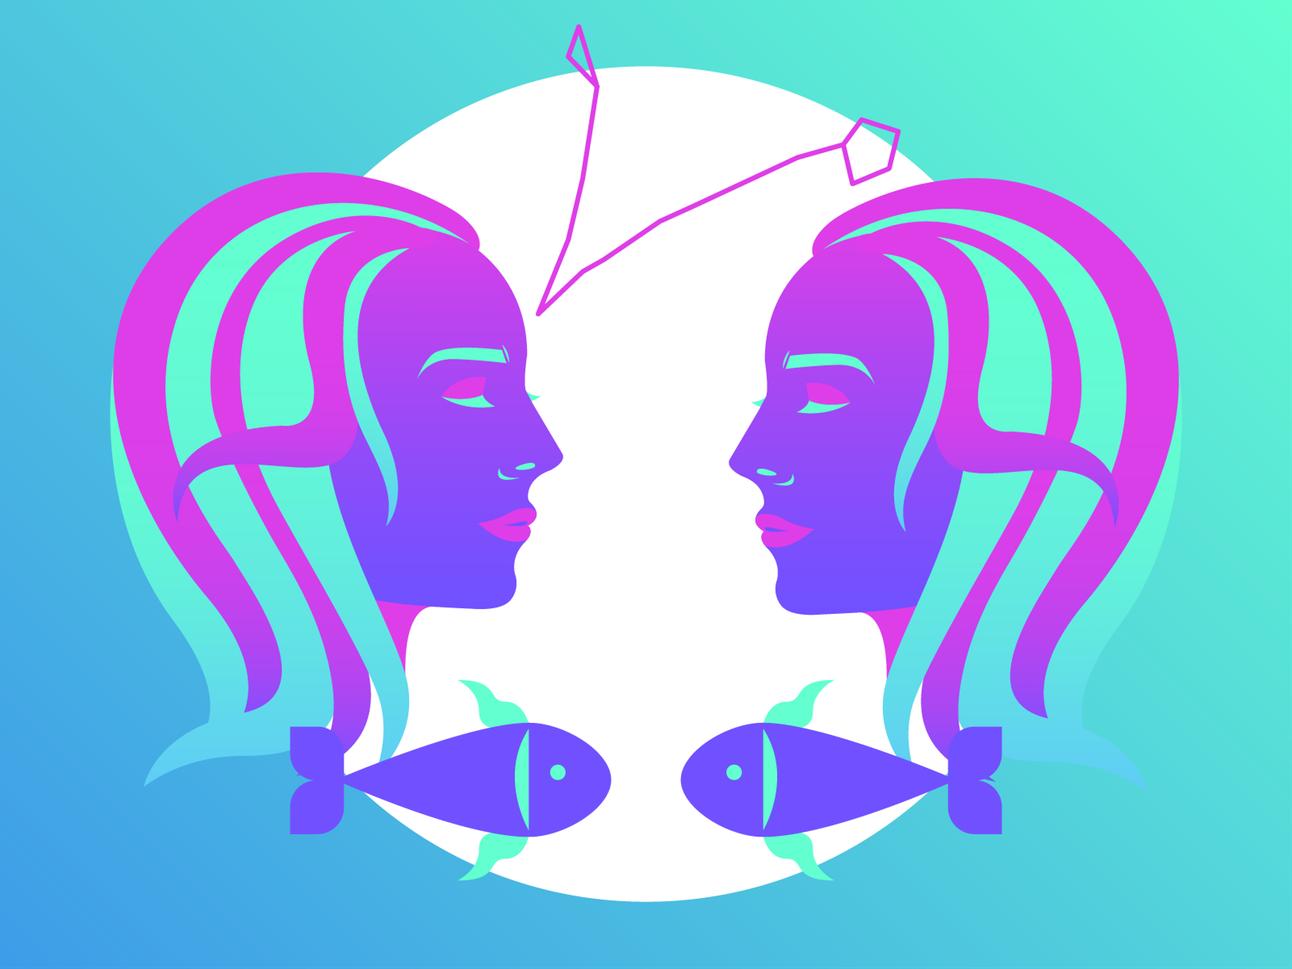 signes du zodiaque qui sont les plus intuitifs